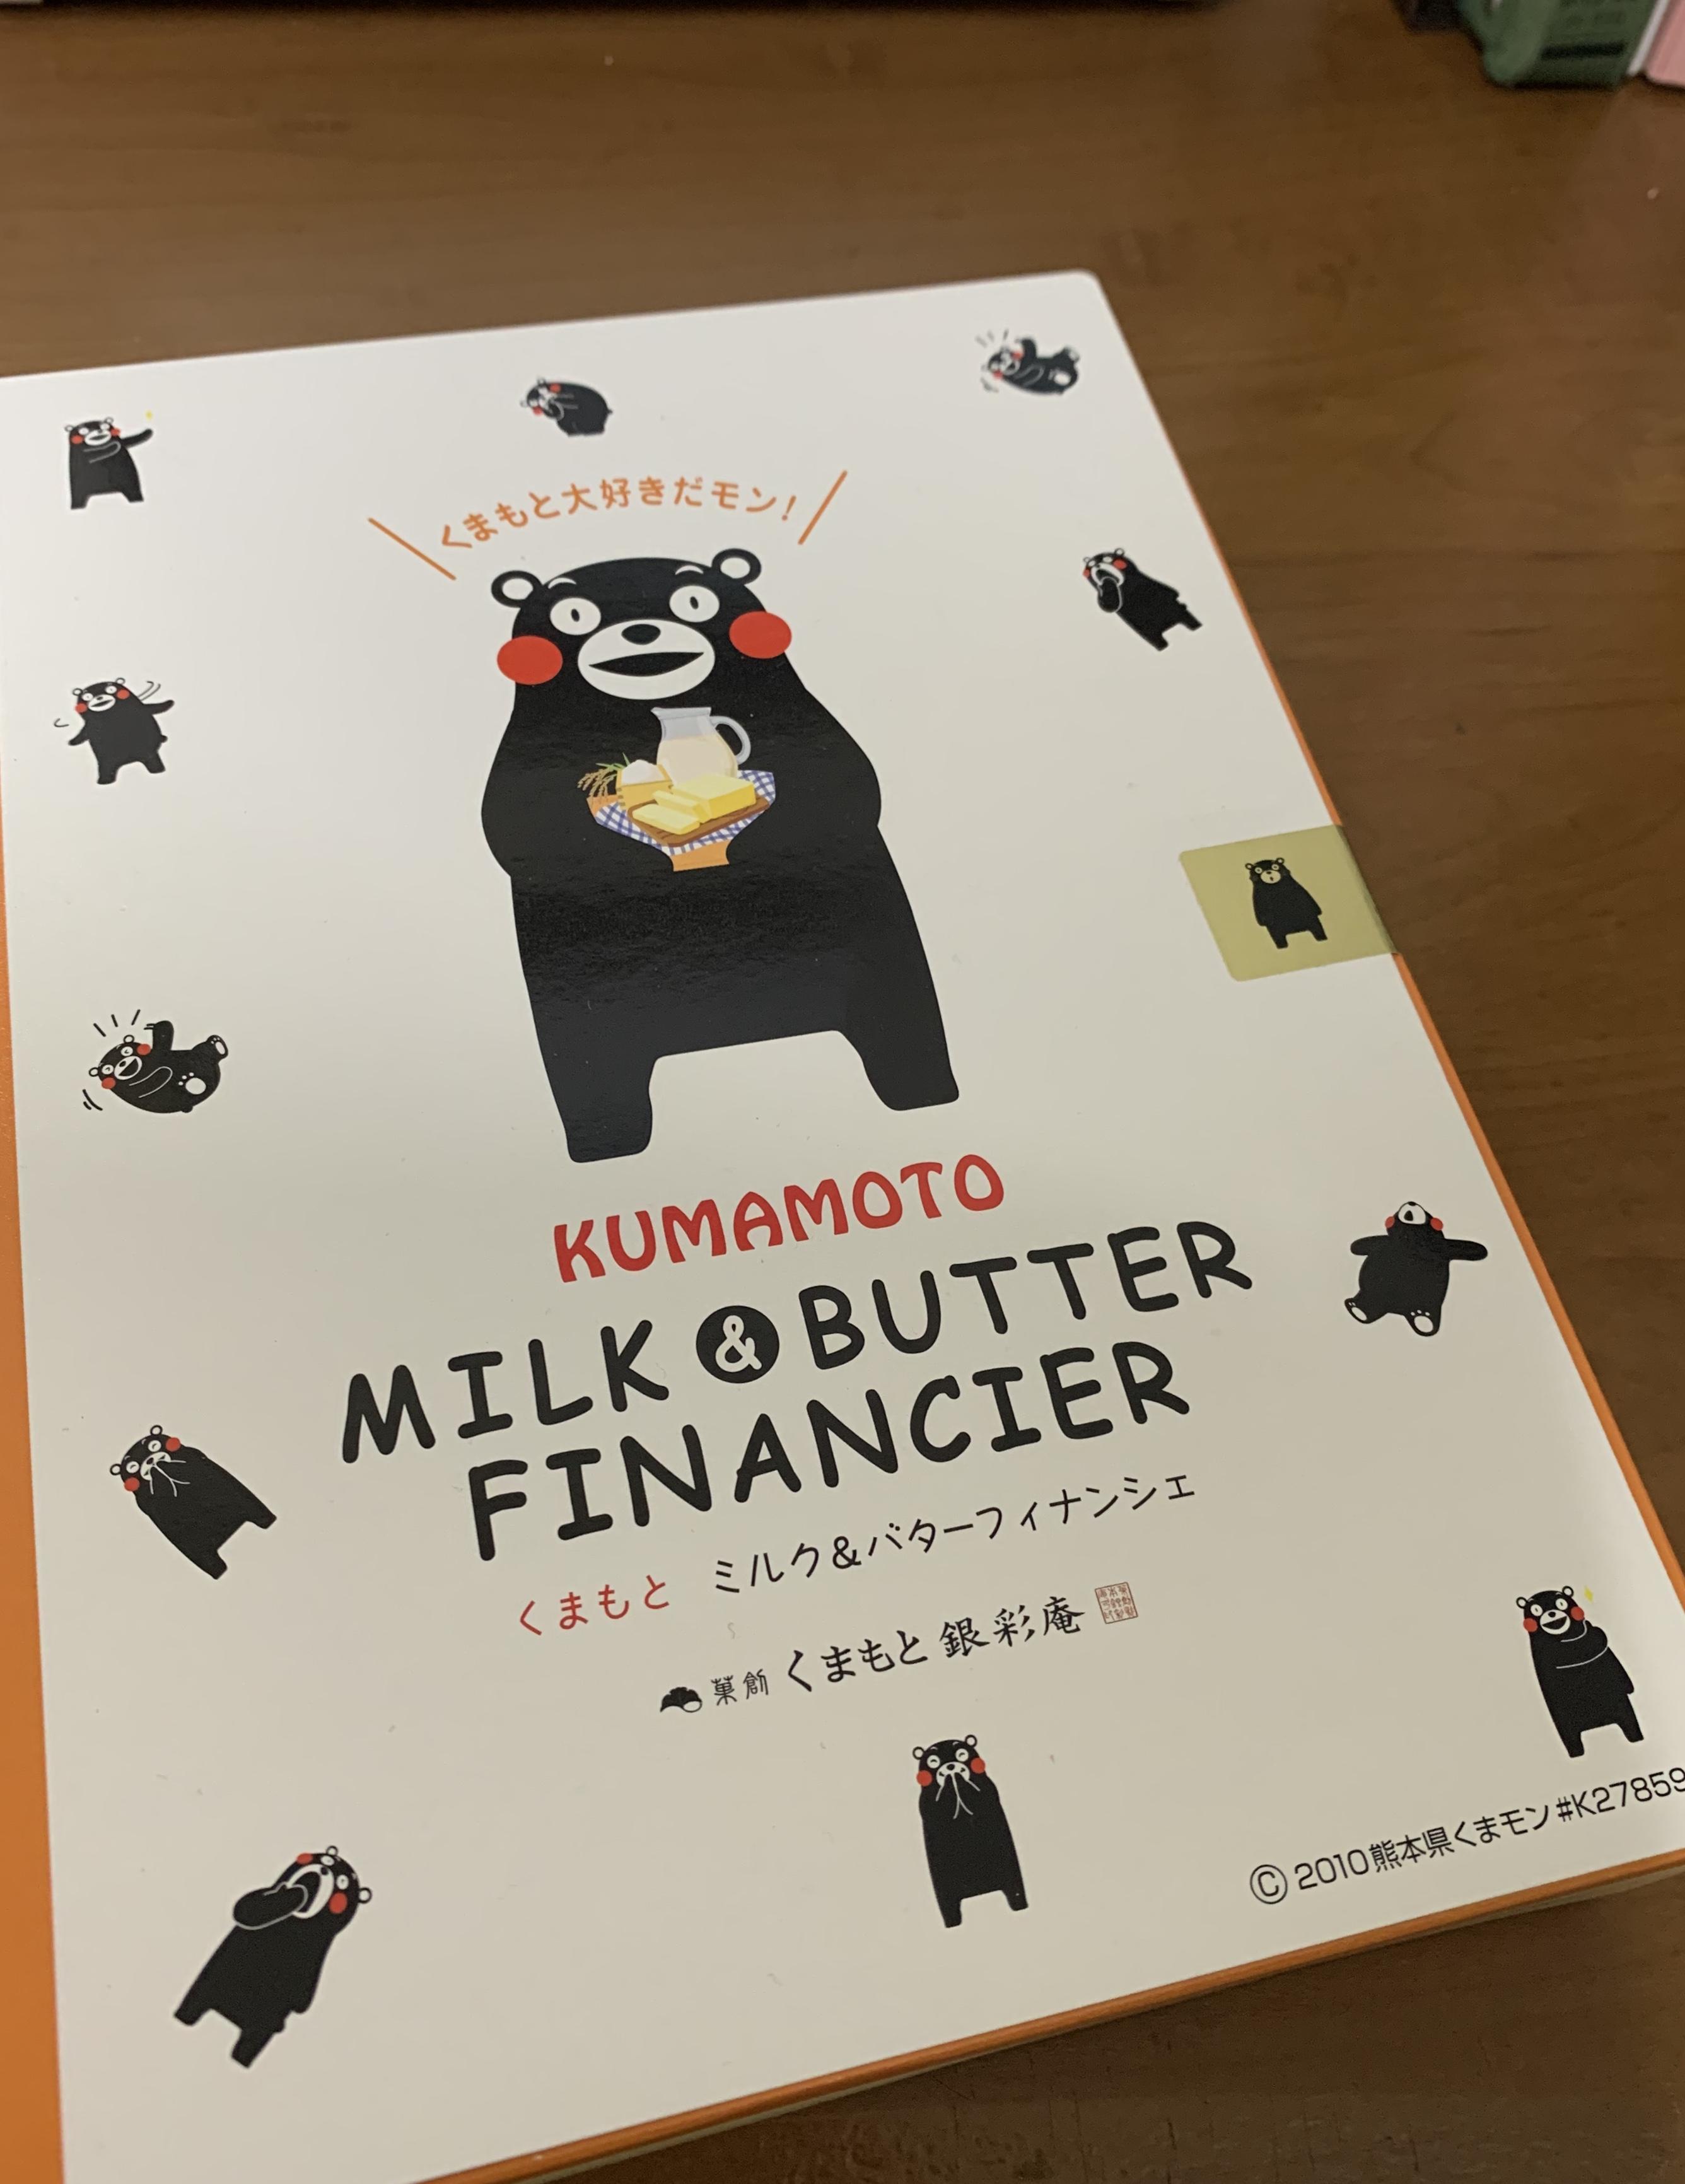 [ブログ]熊本のお土産、くまモンの…